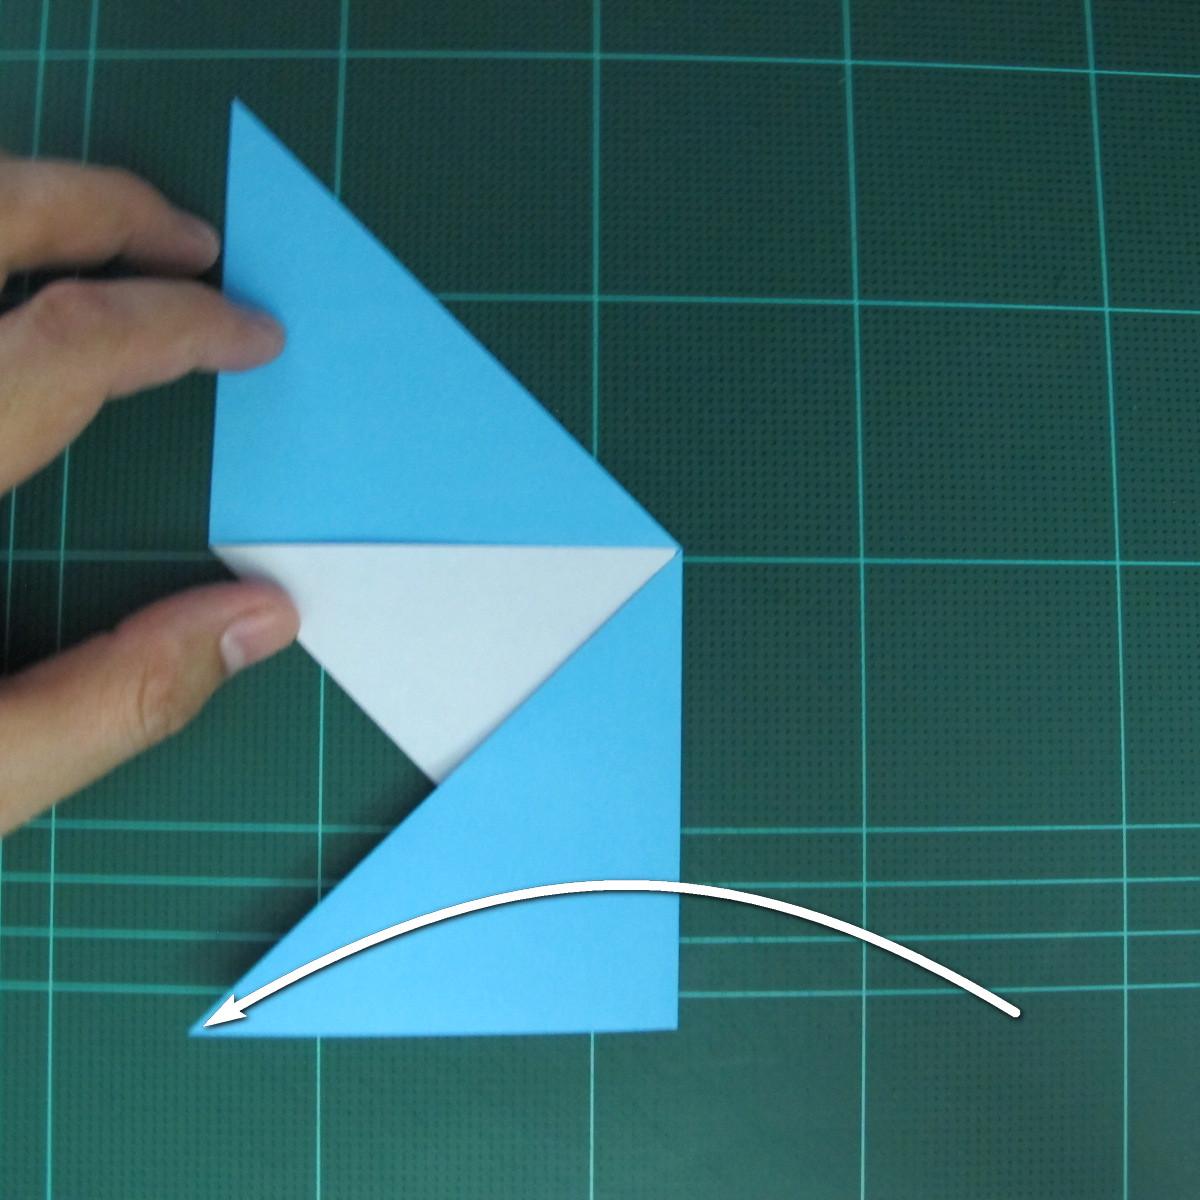 การพับกระดาษเป็นรูปตัวเม่นแคระ (Origami Hedgehog) 008